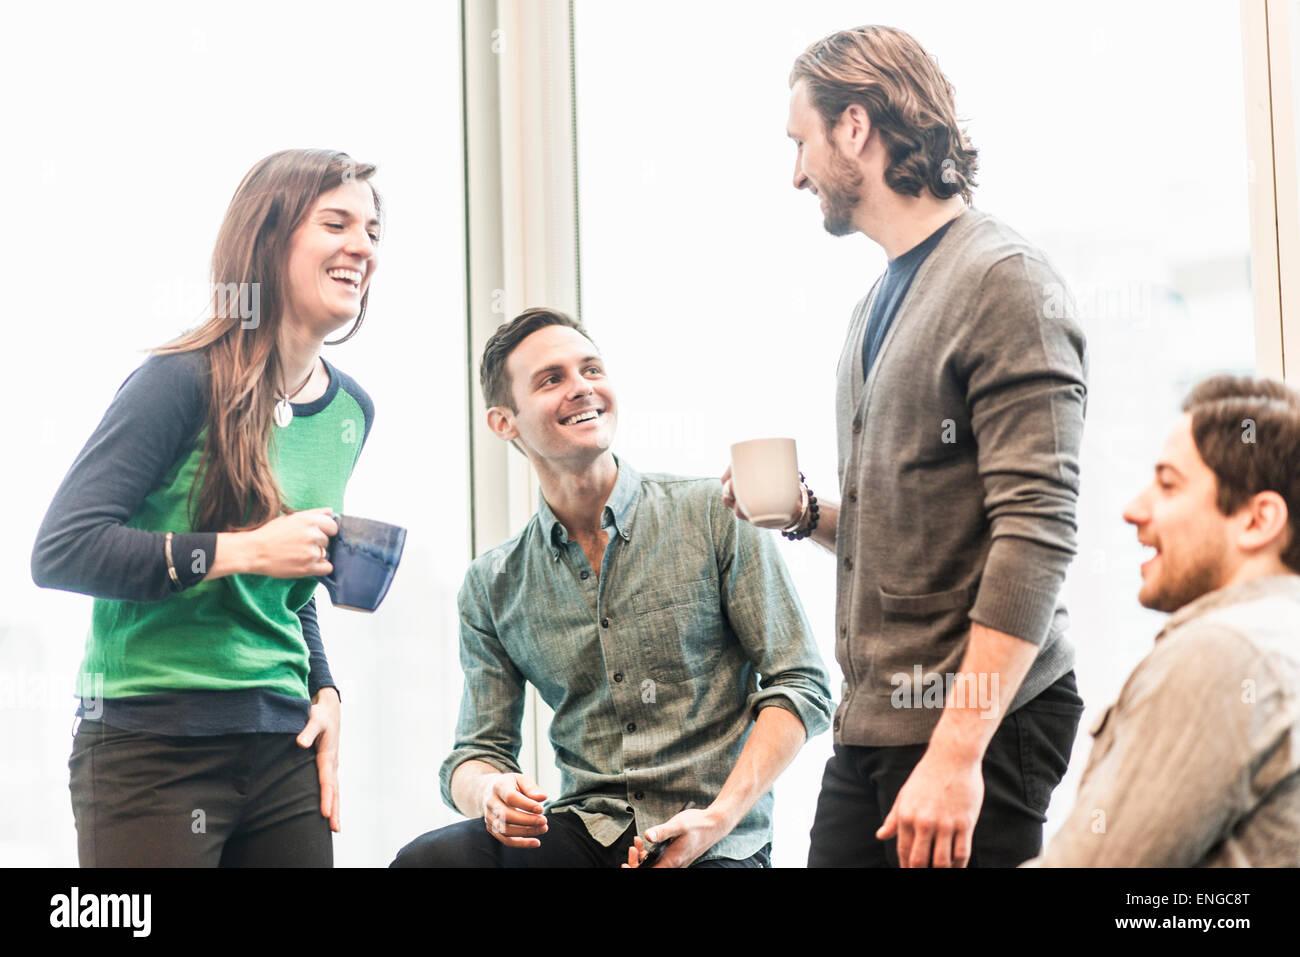 Cuatro compañeros de trabajo en un descanso, riendo juntos. Imagen De Stock